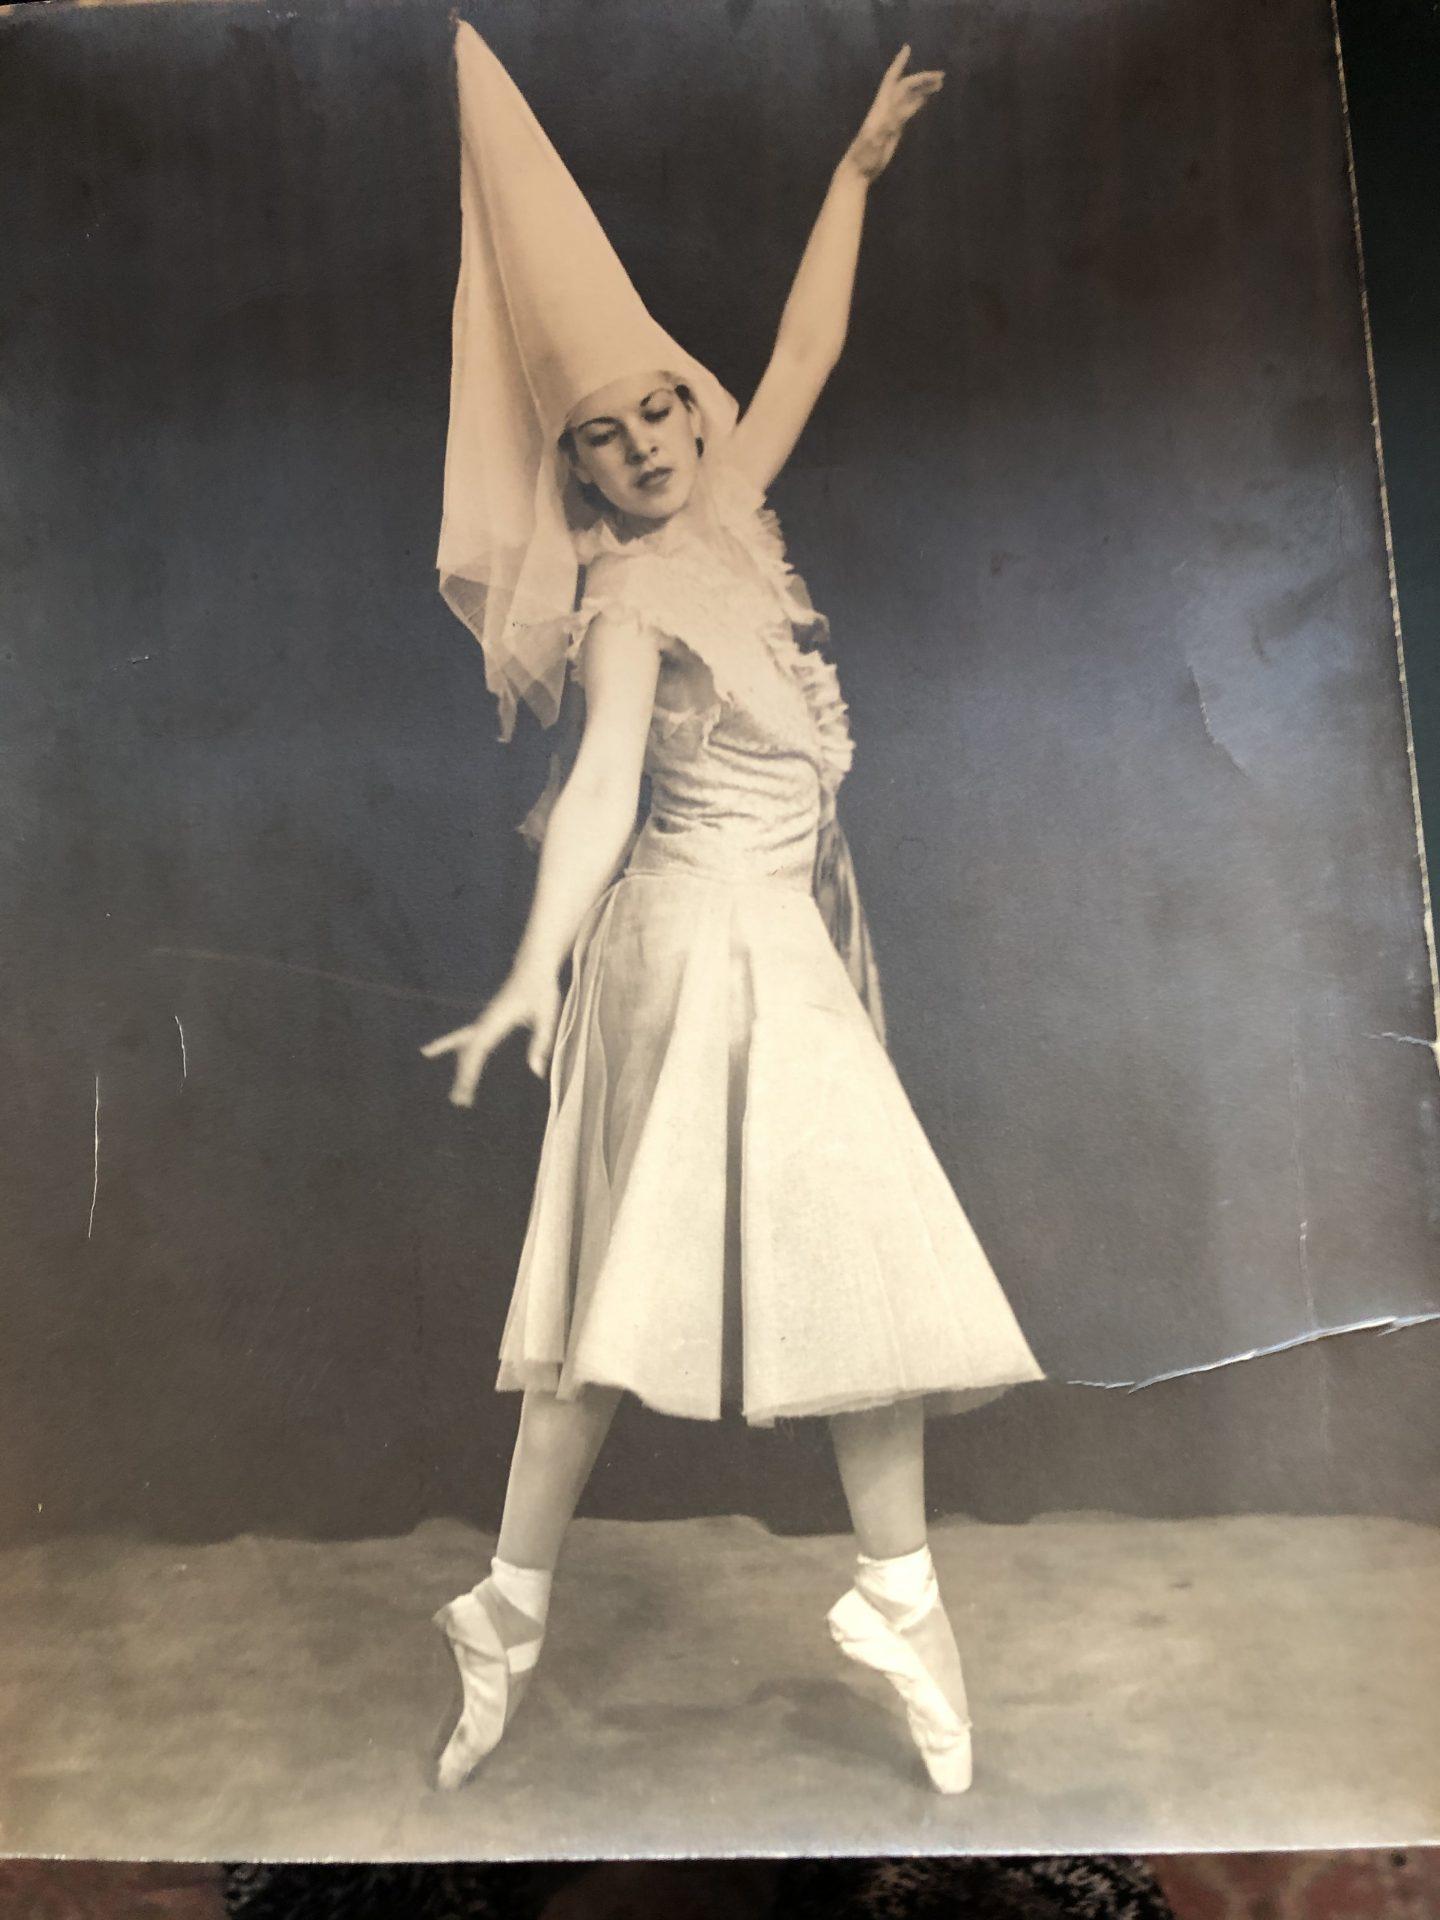 Mom dancing in her 20s.